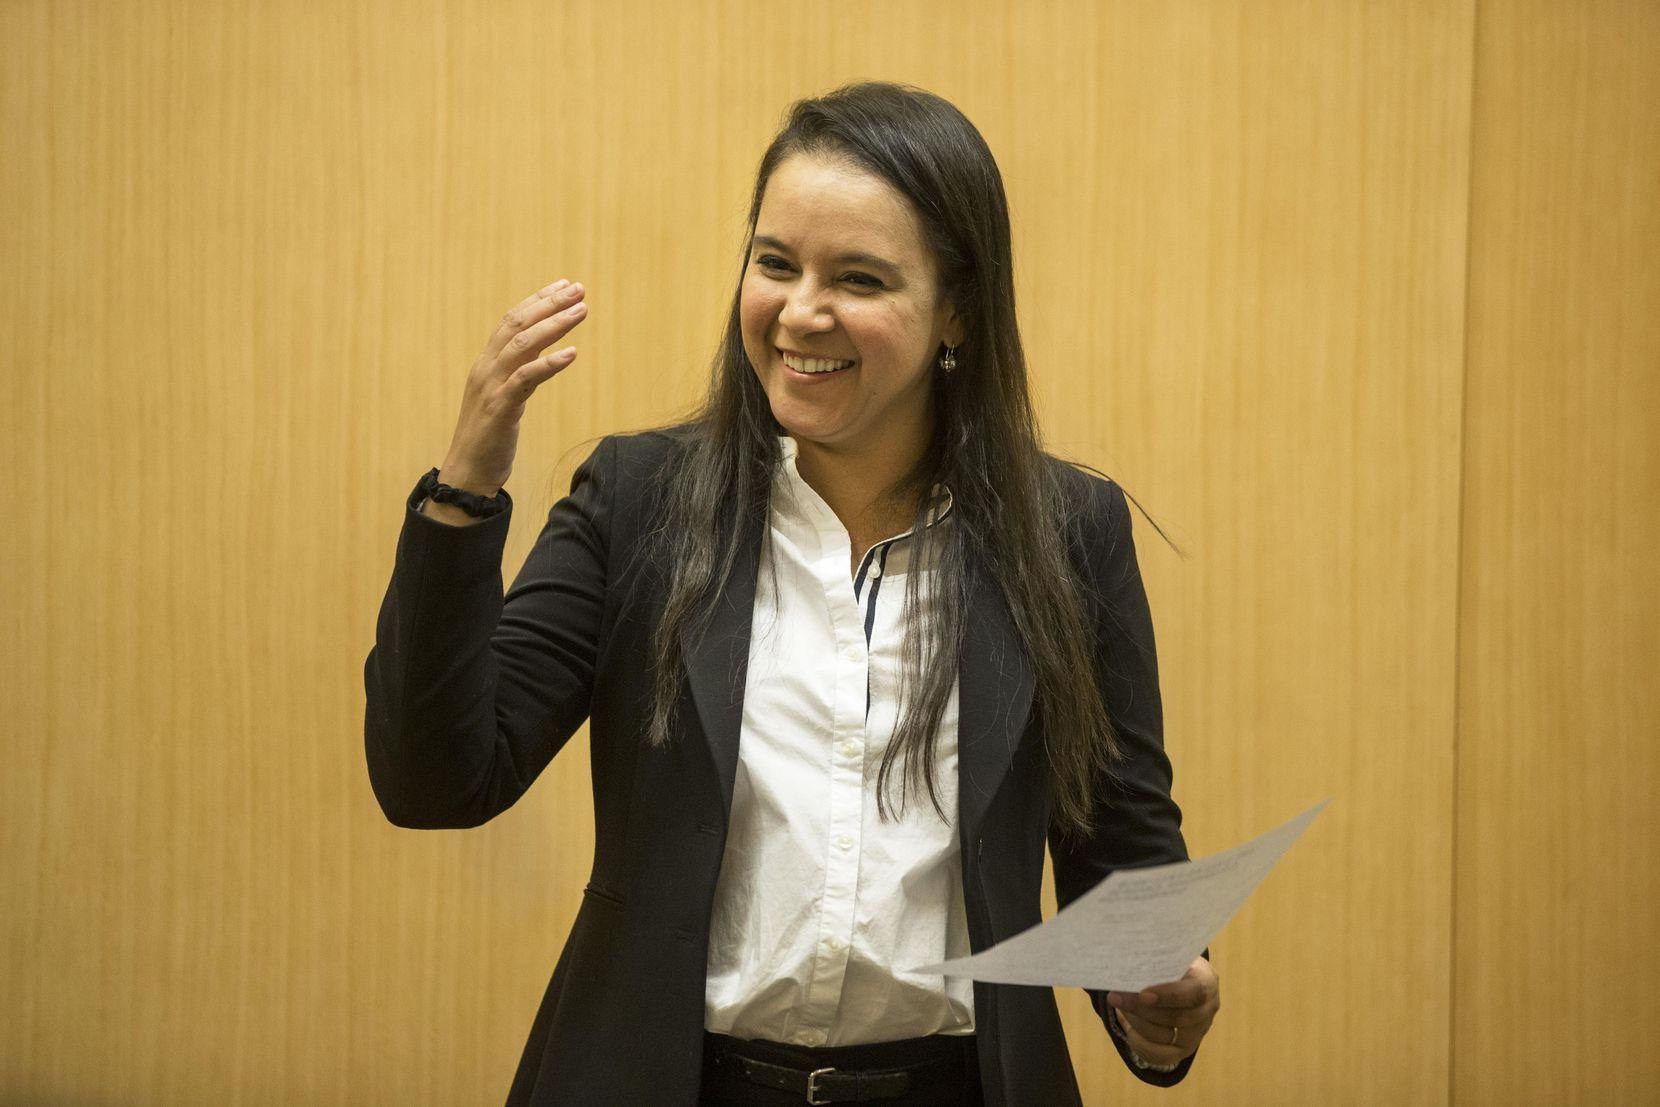 Mara Vaughn, directora del programa, se dirige a los estudiantes que completaron el curso de ciudadanía para hispanoparlantes, en diciembre 2018. CARLY GERACI/DMN